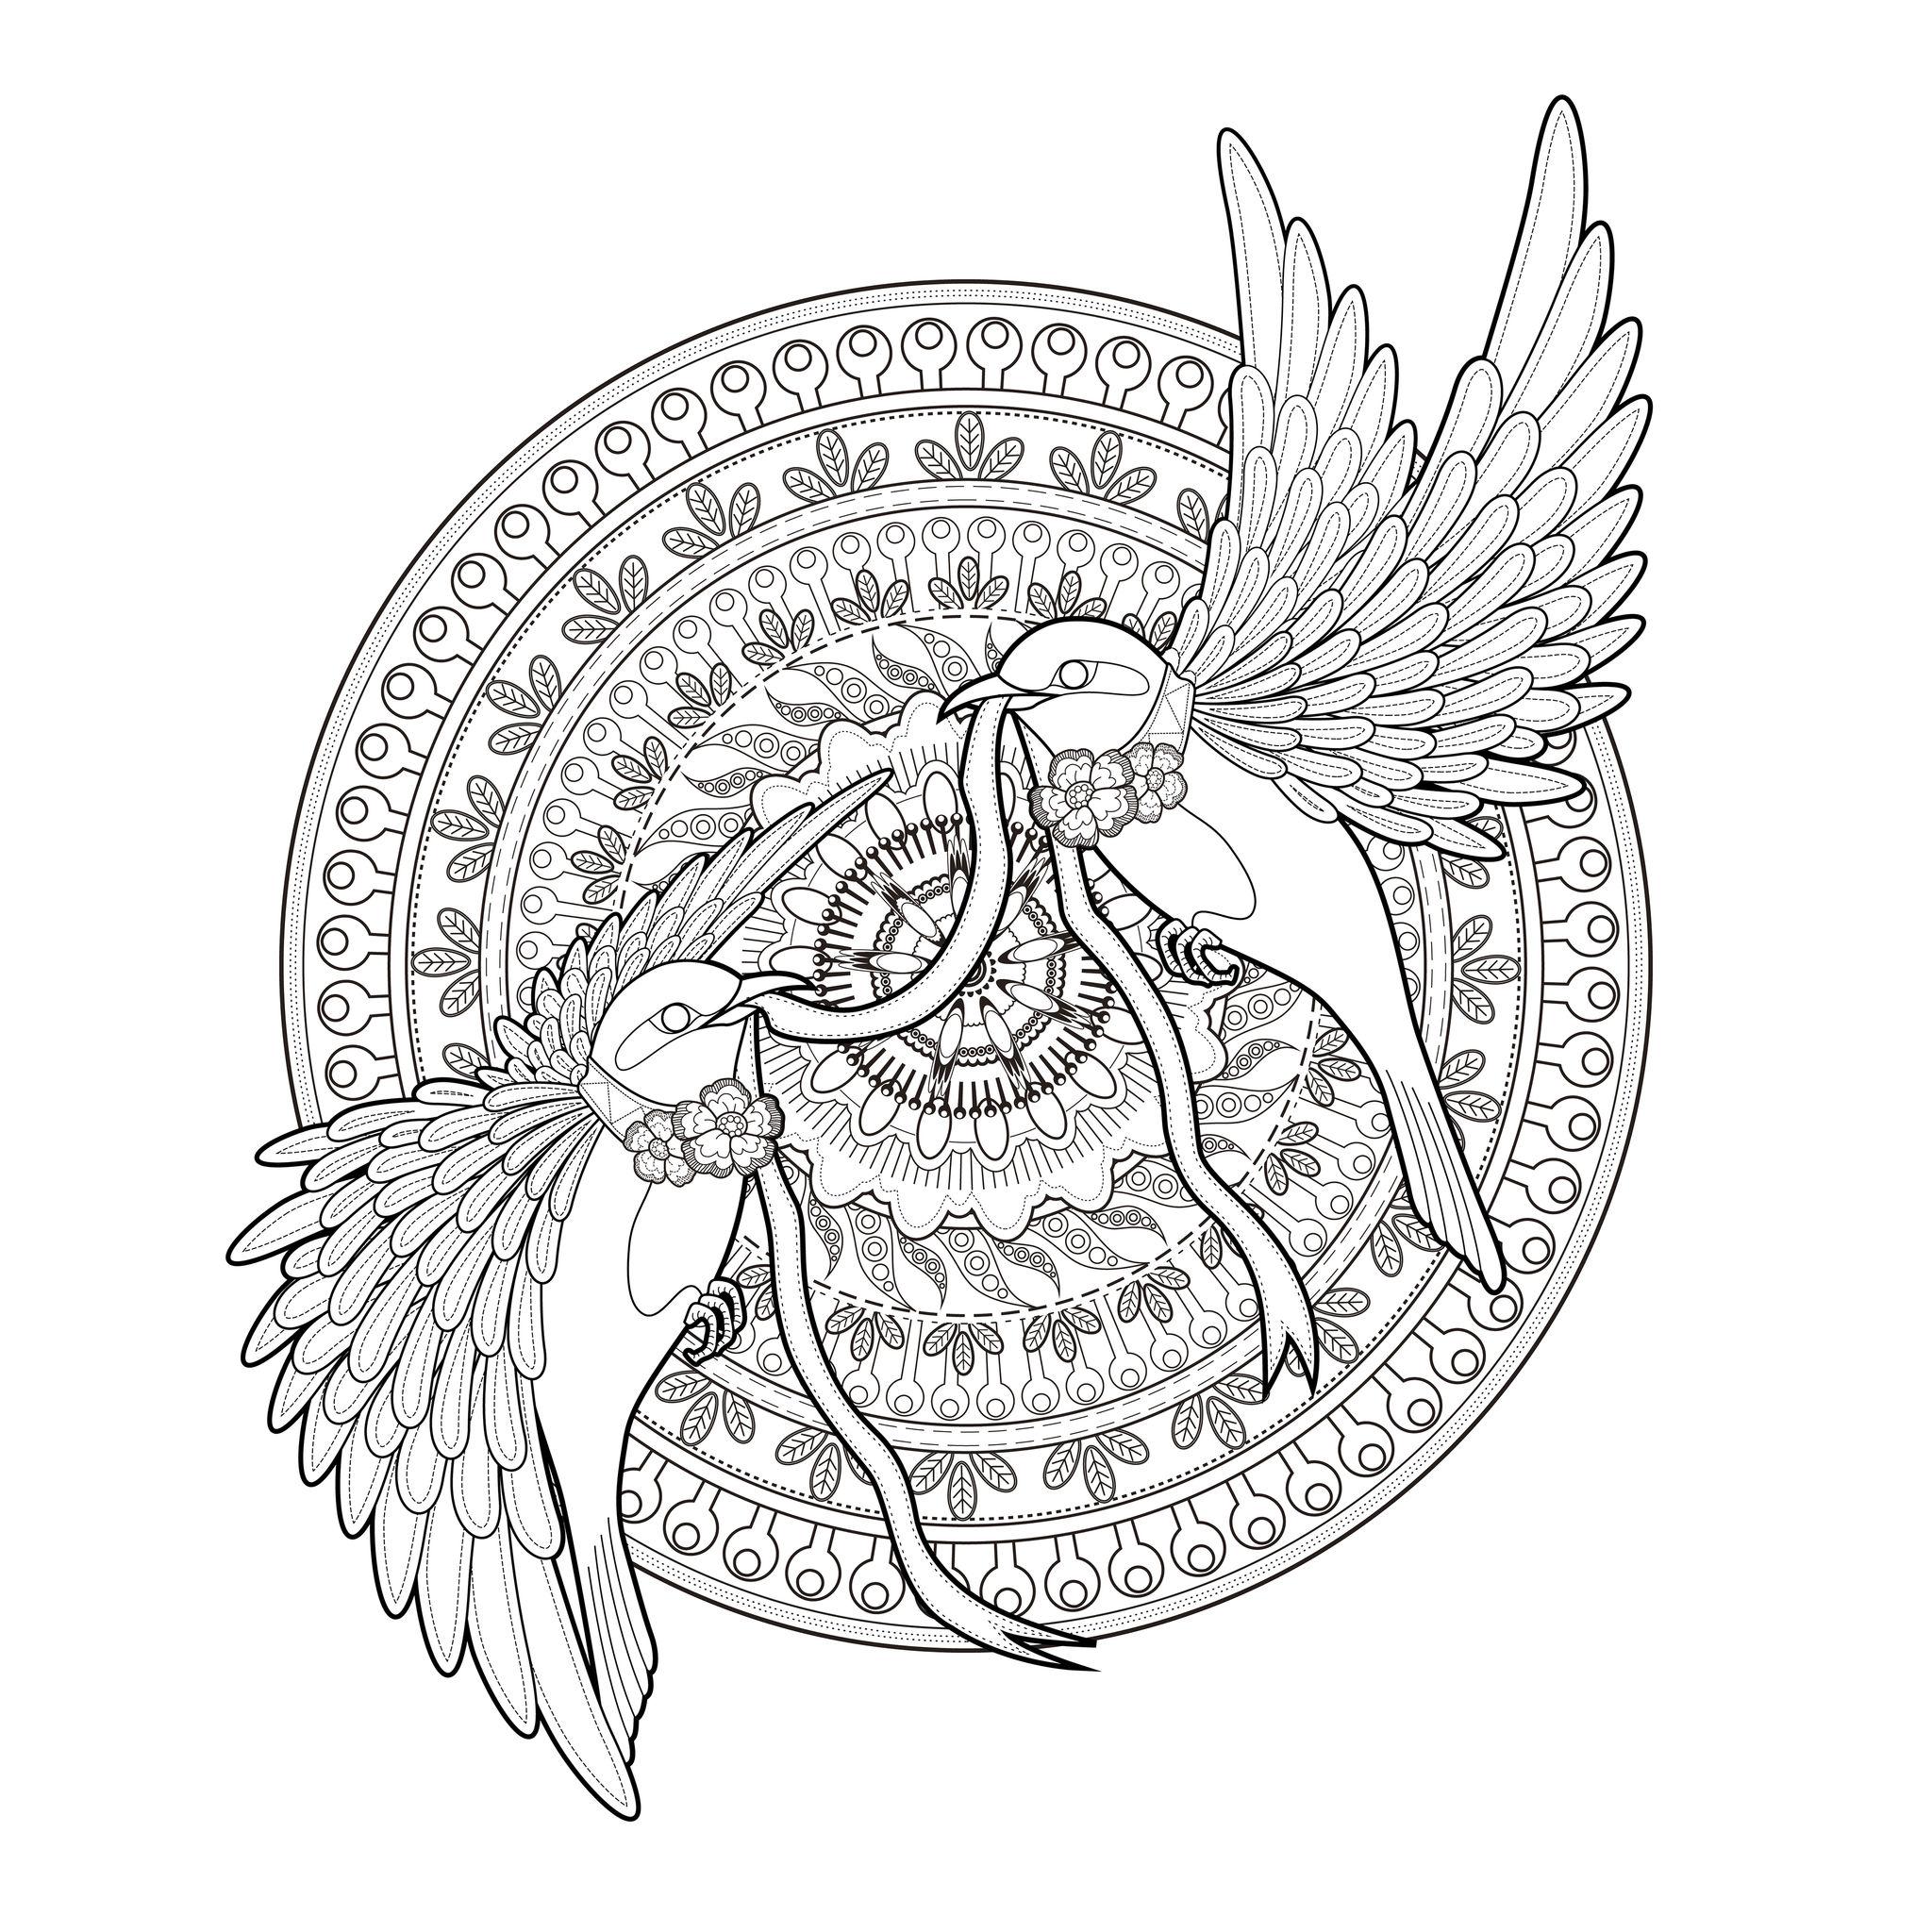 Mandala deux hirondelles et un ruban - Oiseaux ...